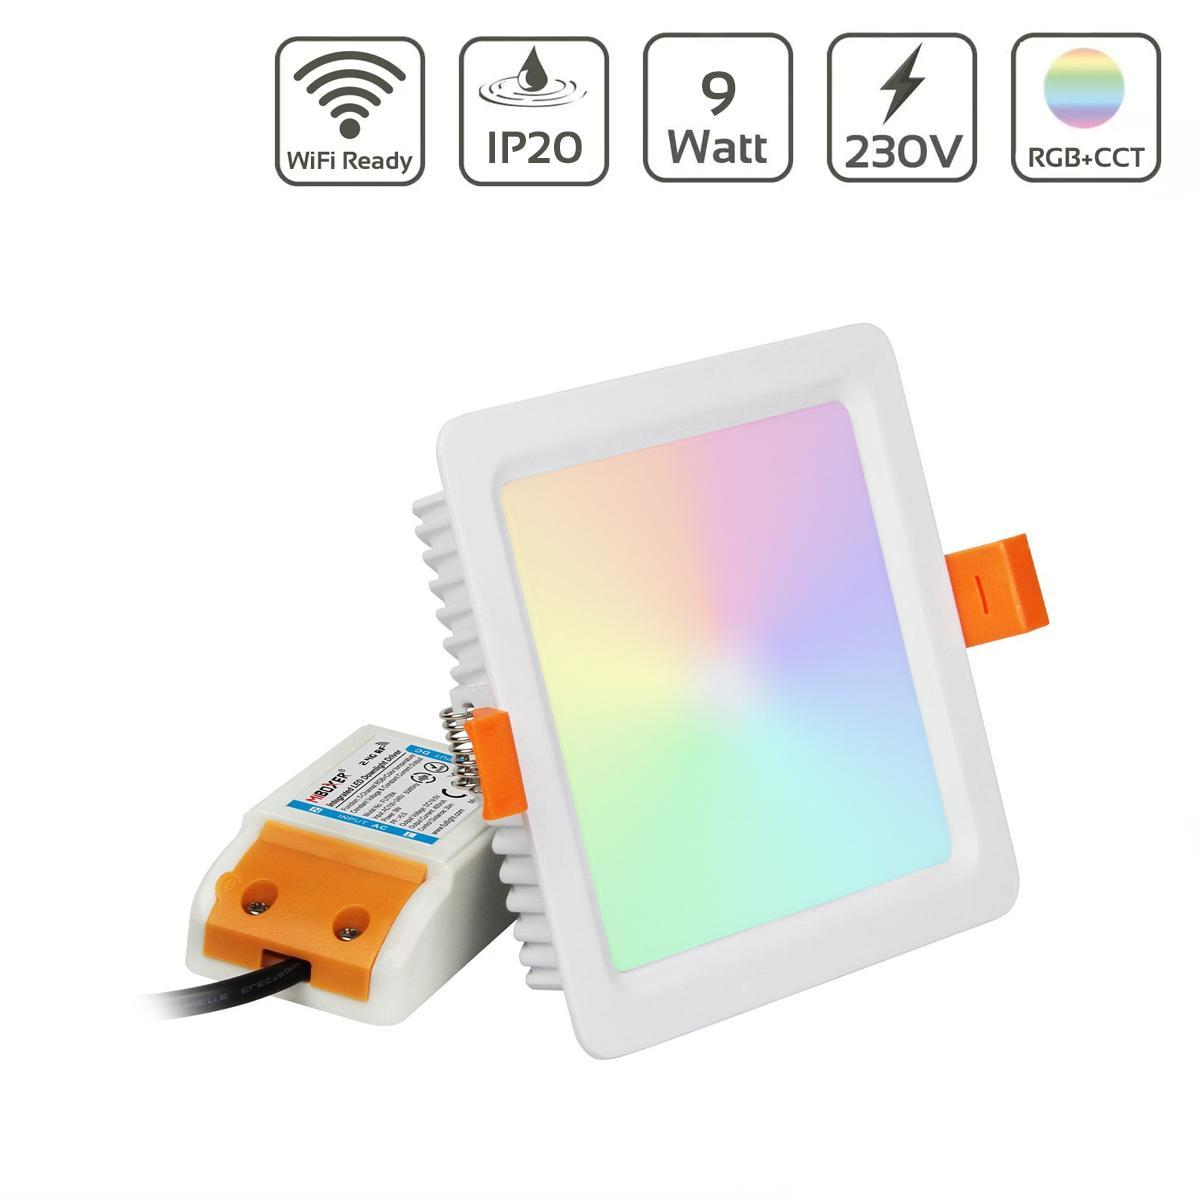 MiBoxer LED Einbaustrahler RGB+CCT 9W 105x105mm 2,4GHz WiFiready